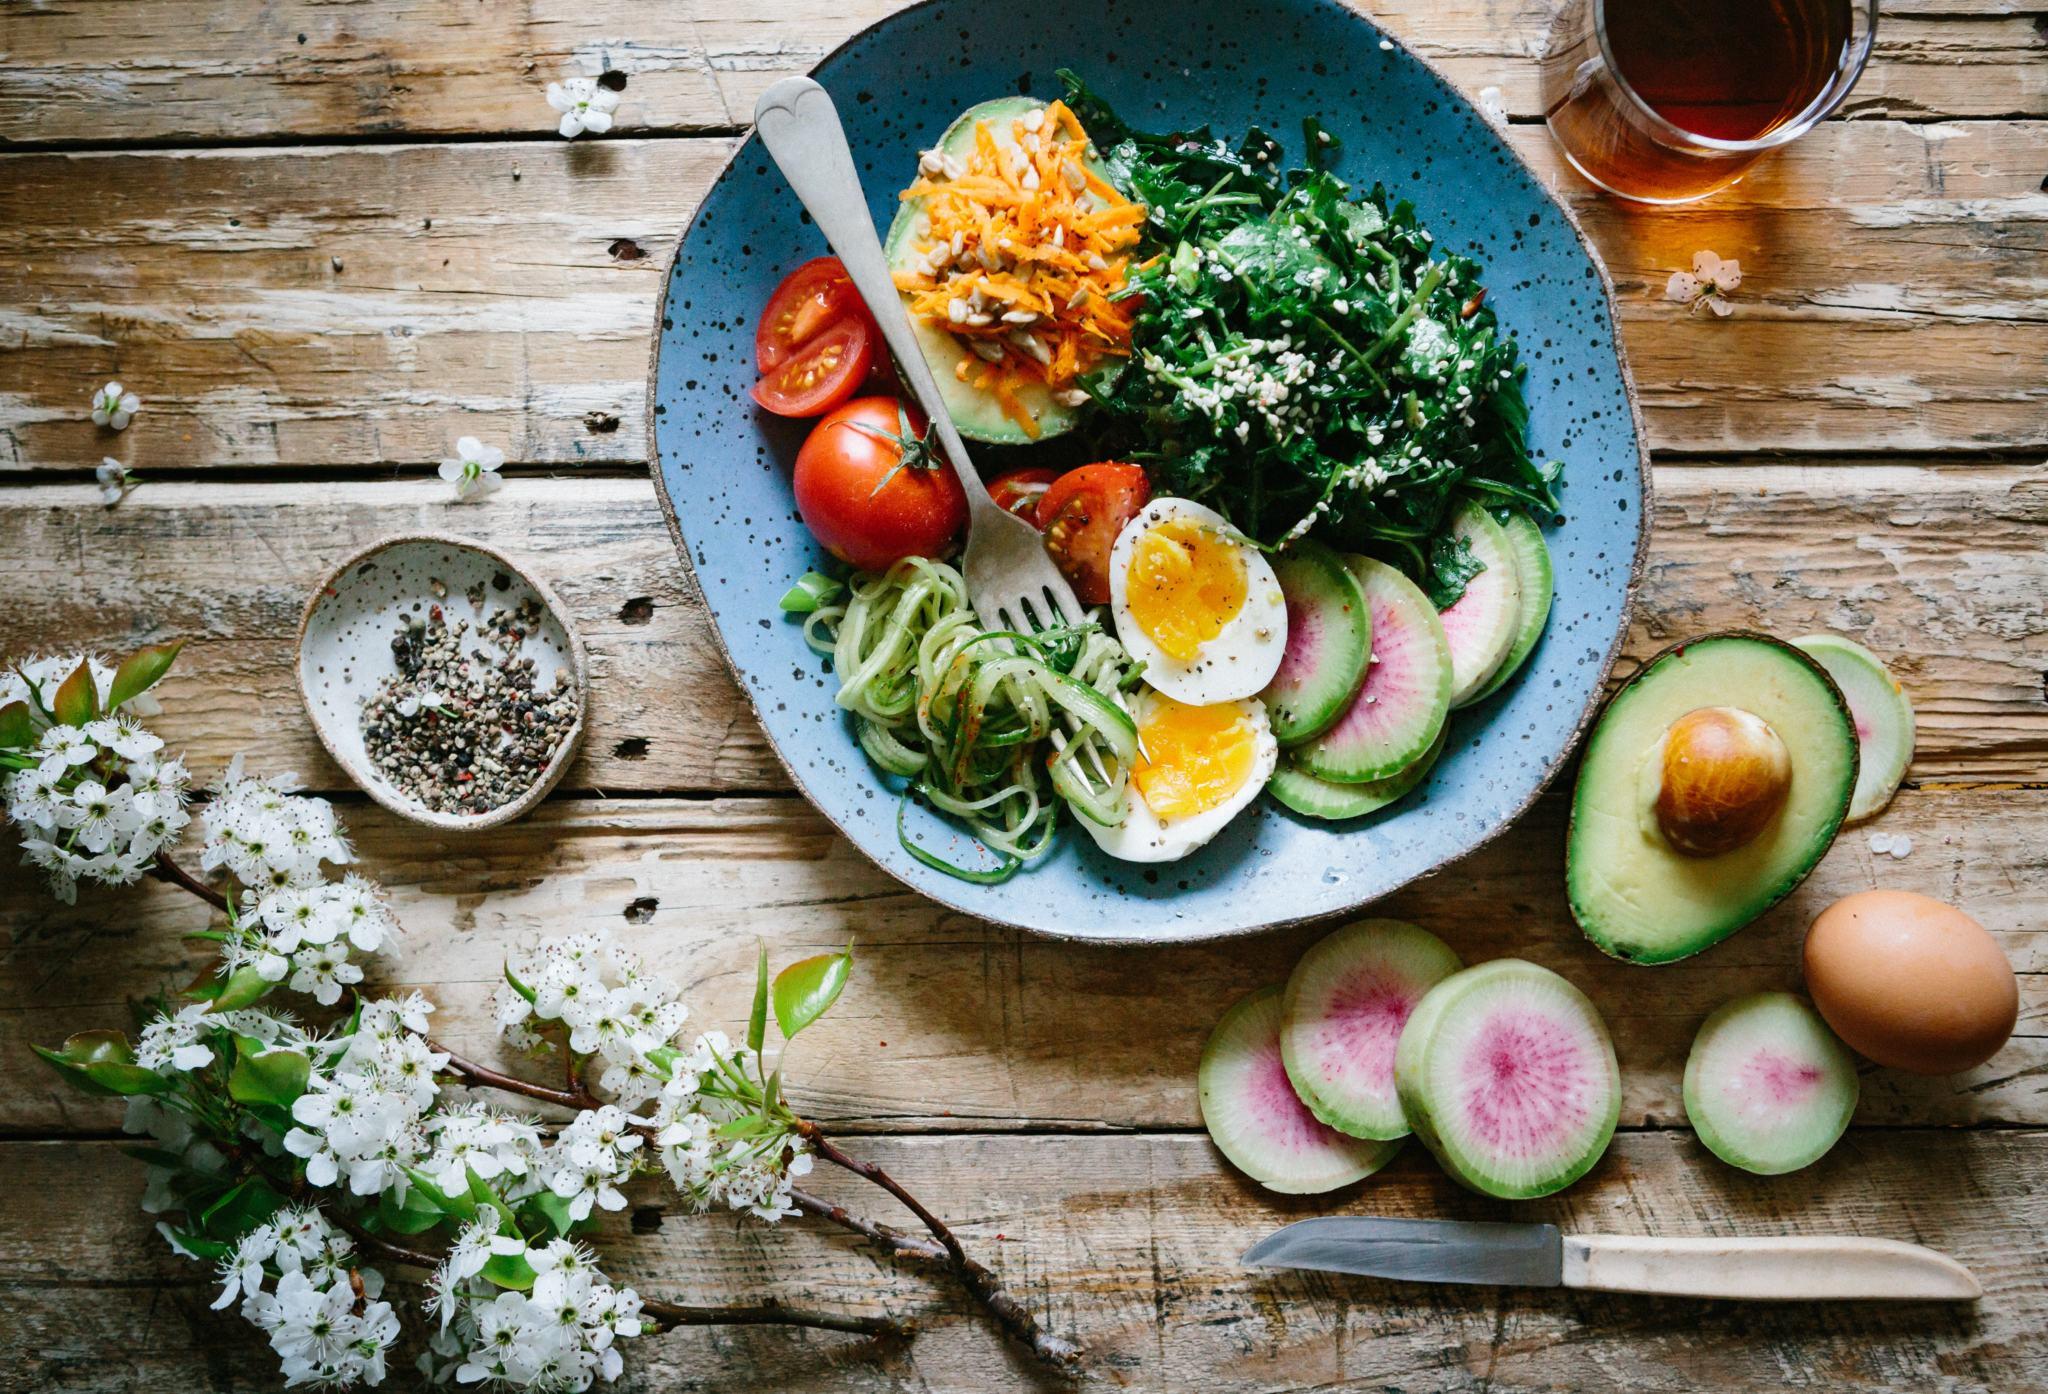 Alimentation saine salade d'avocat et mélange de légumes